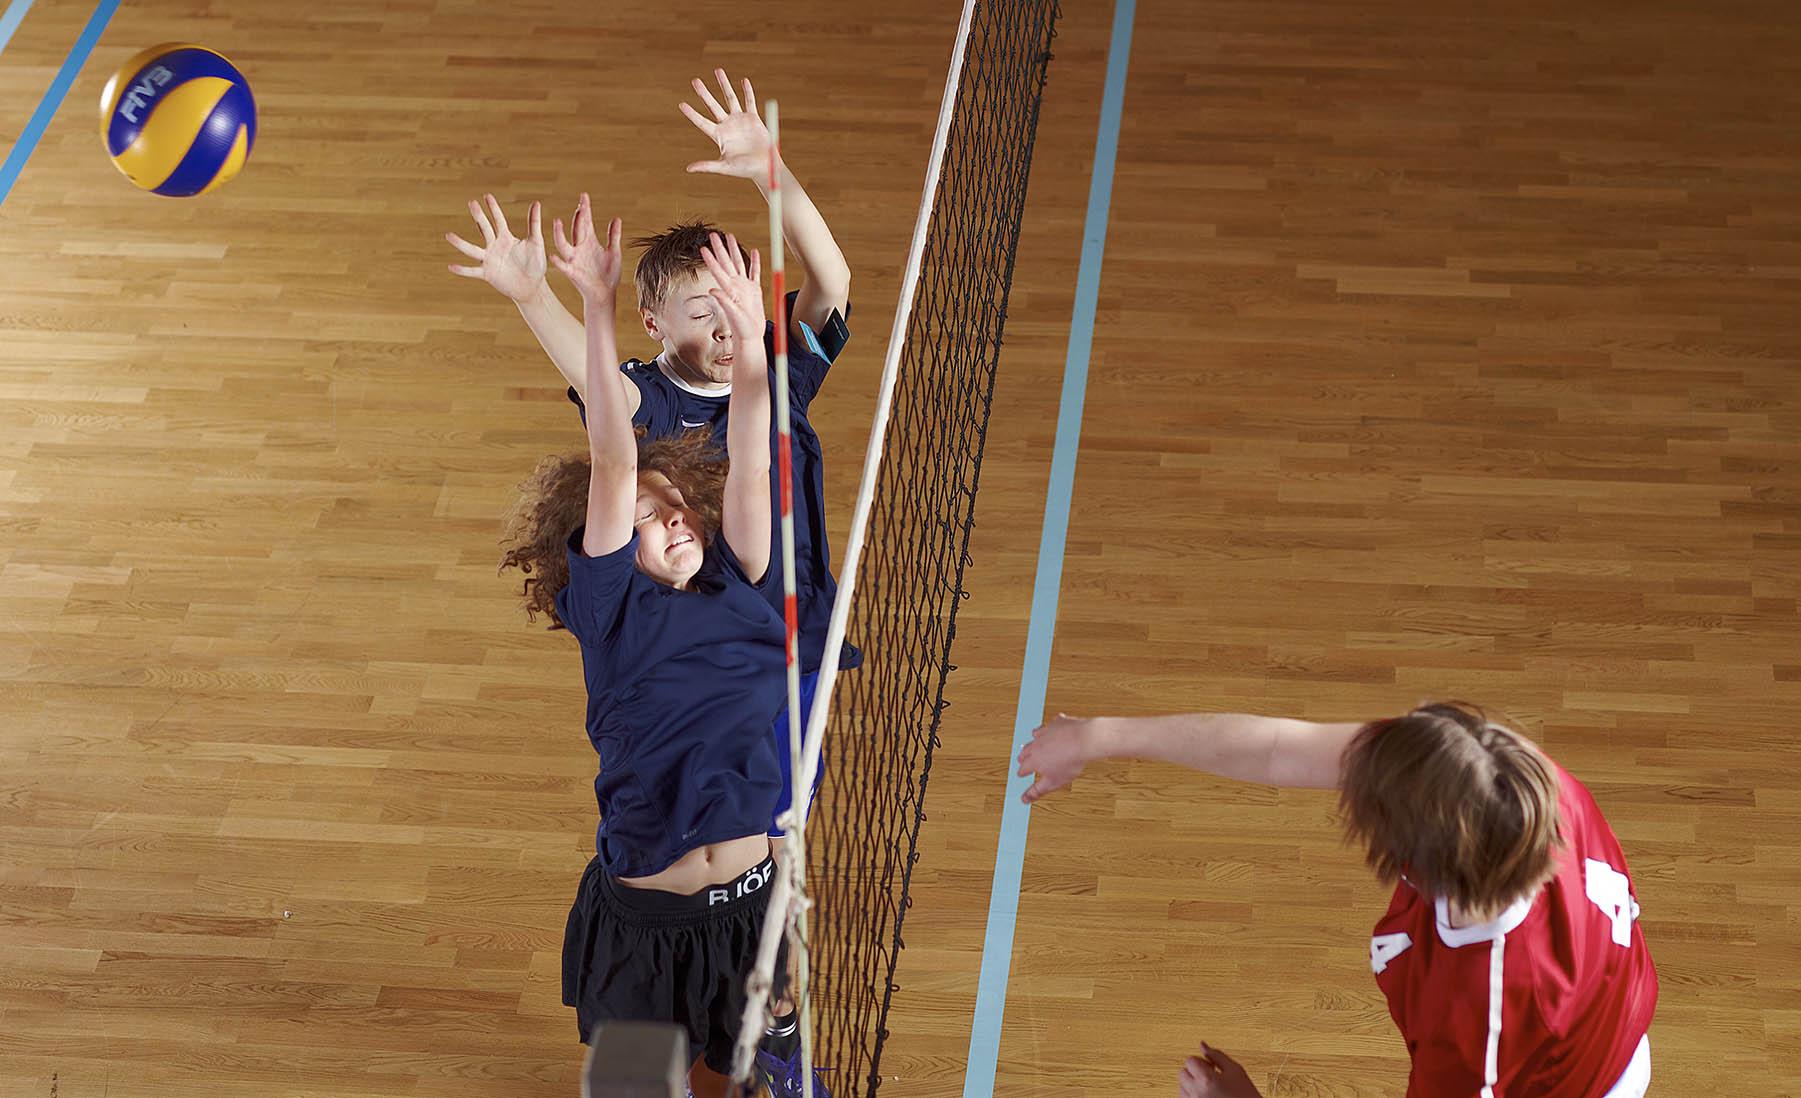 volley612.jpg